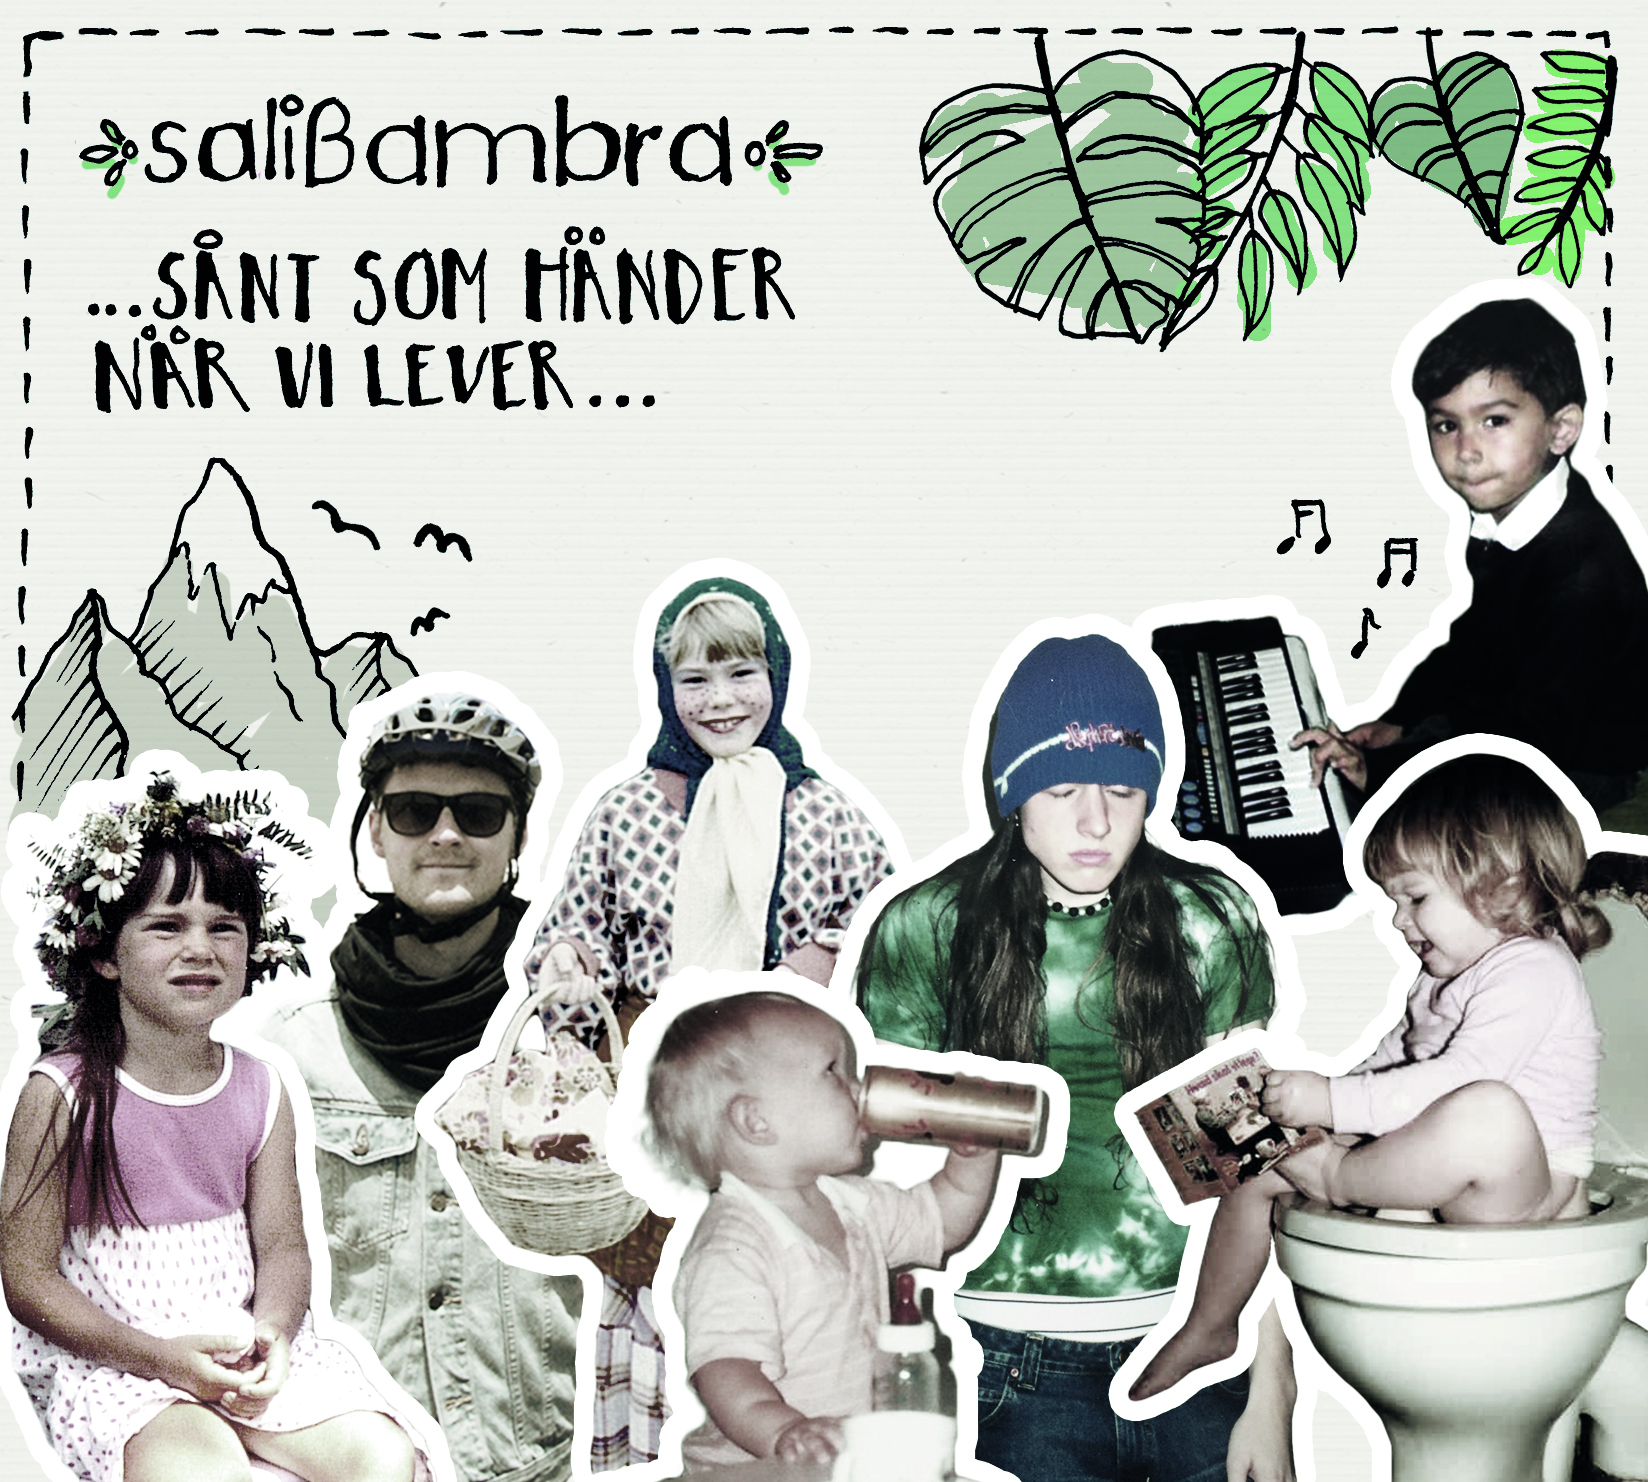 SaliBambra - Sånt som händer när vi lever (Framsida).jpg